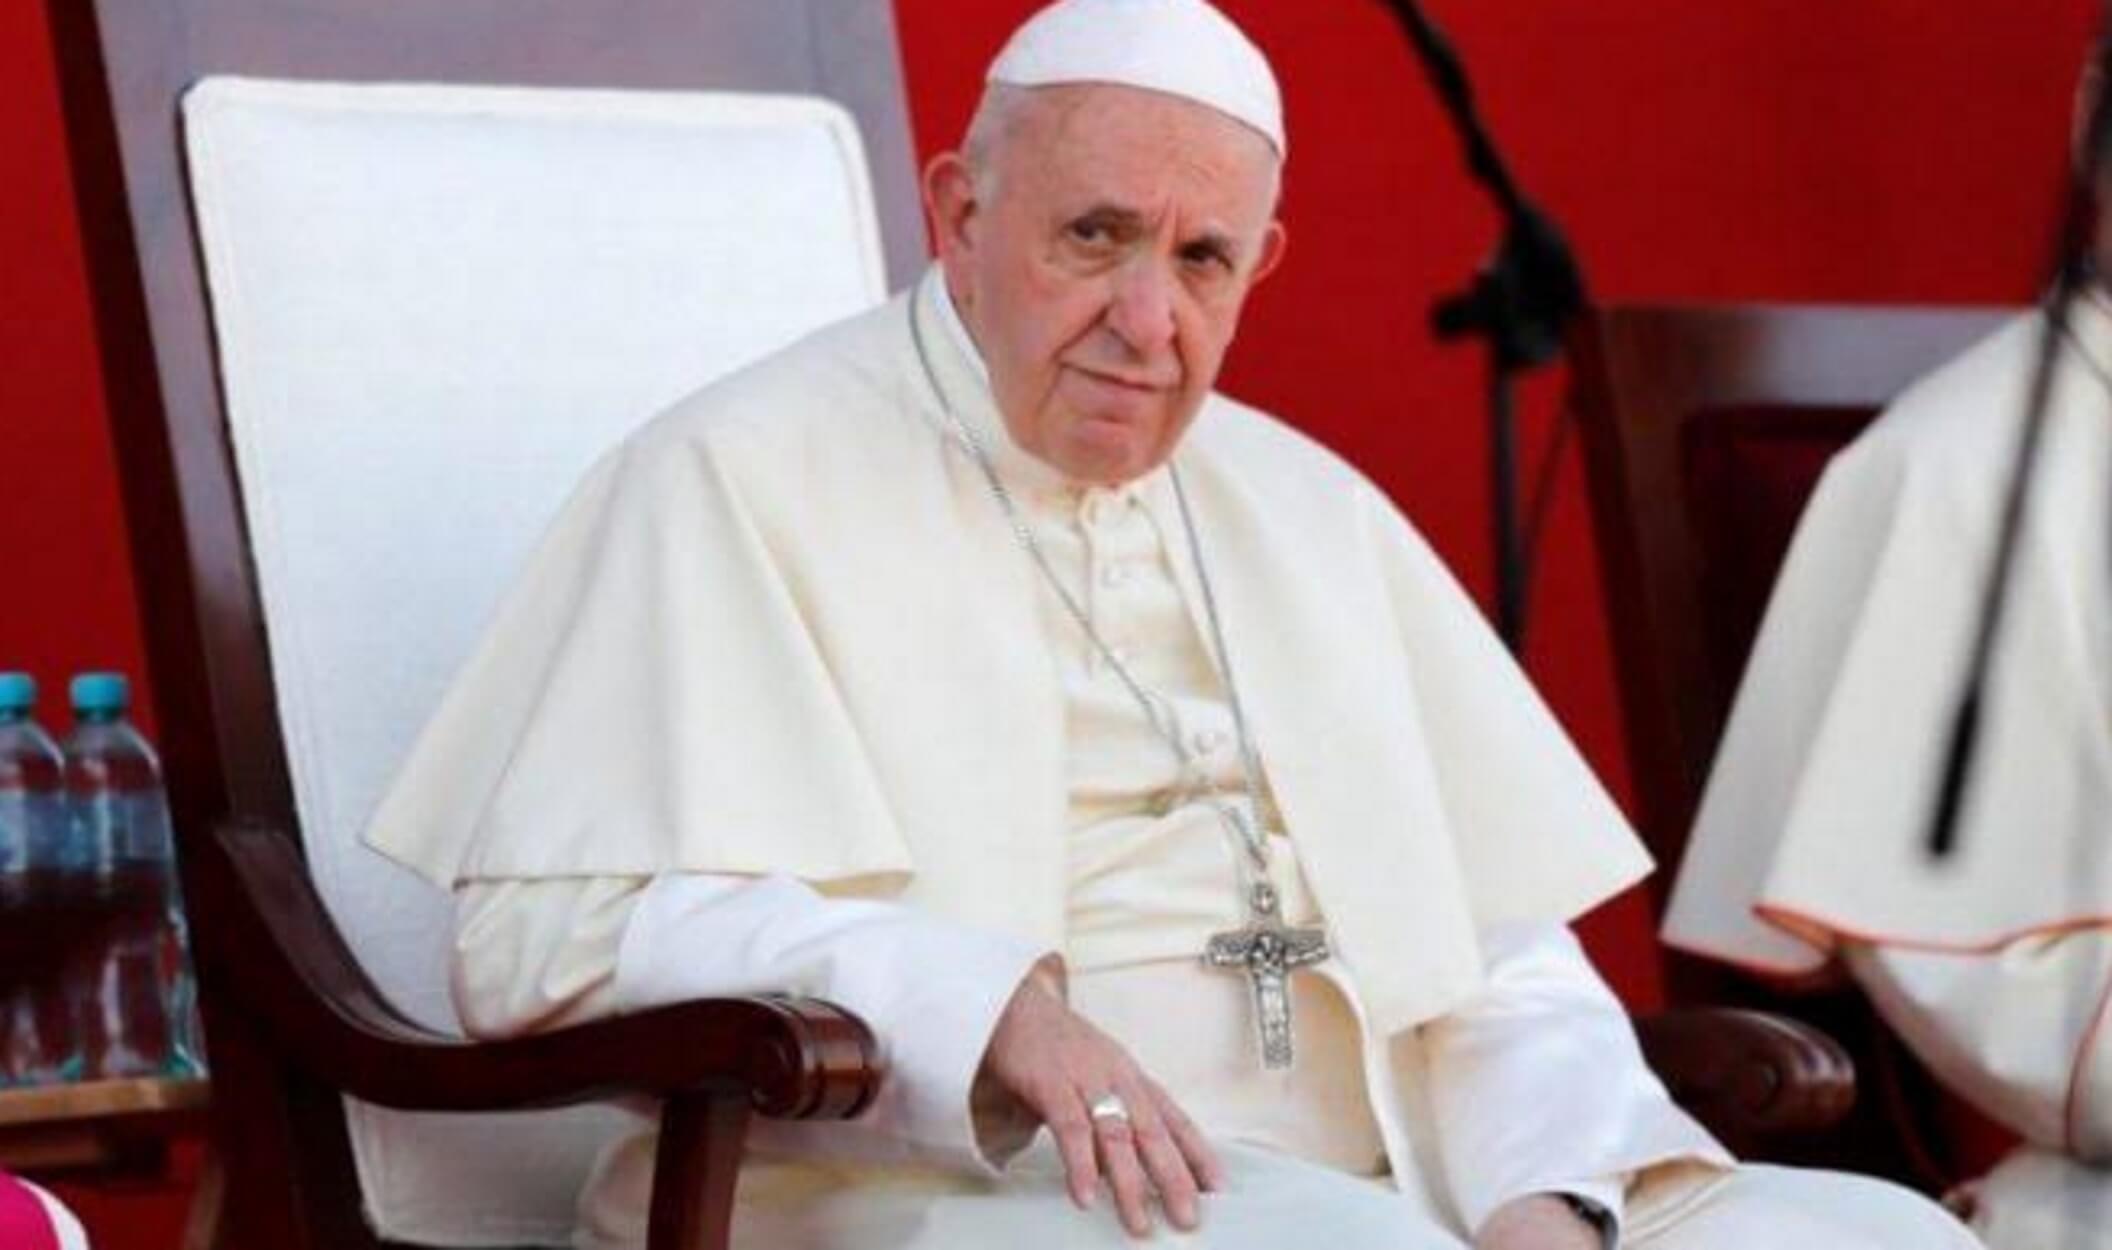 Πάπας Φραγκίσκος: Κλείστε τα κινητά και αρχίστε ξαναρχίστε τον διάλογο